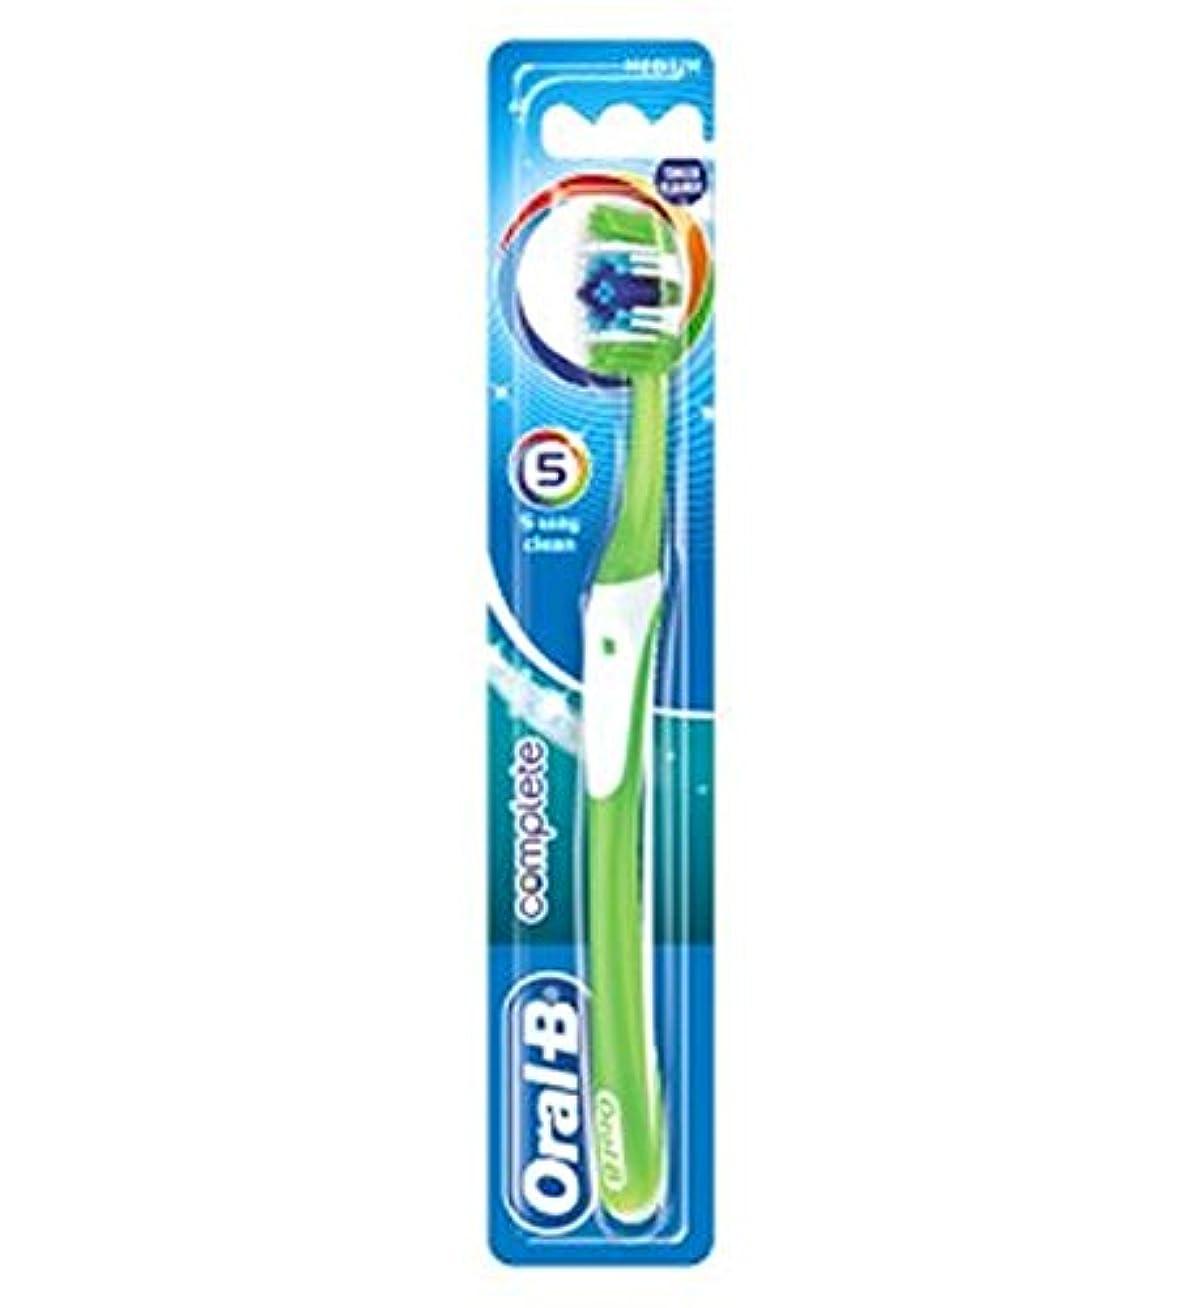 トチの実の木強調お手入れOral-B Complete 5 Way Clean Medium Manual Toothbrush - オーラルBの完全な5道クリーンなメディアの手動歯ブラシ (Oral B) [並行輸入品]